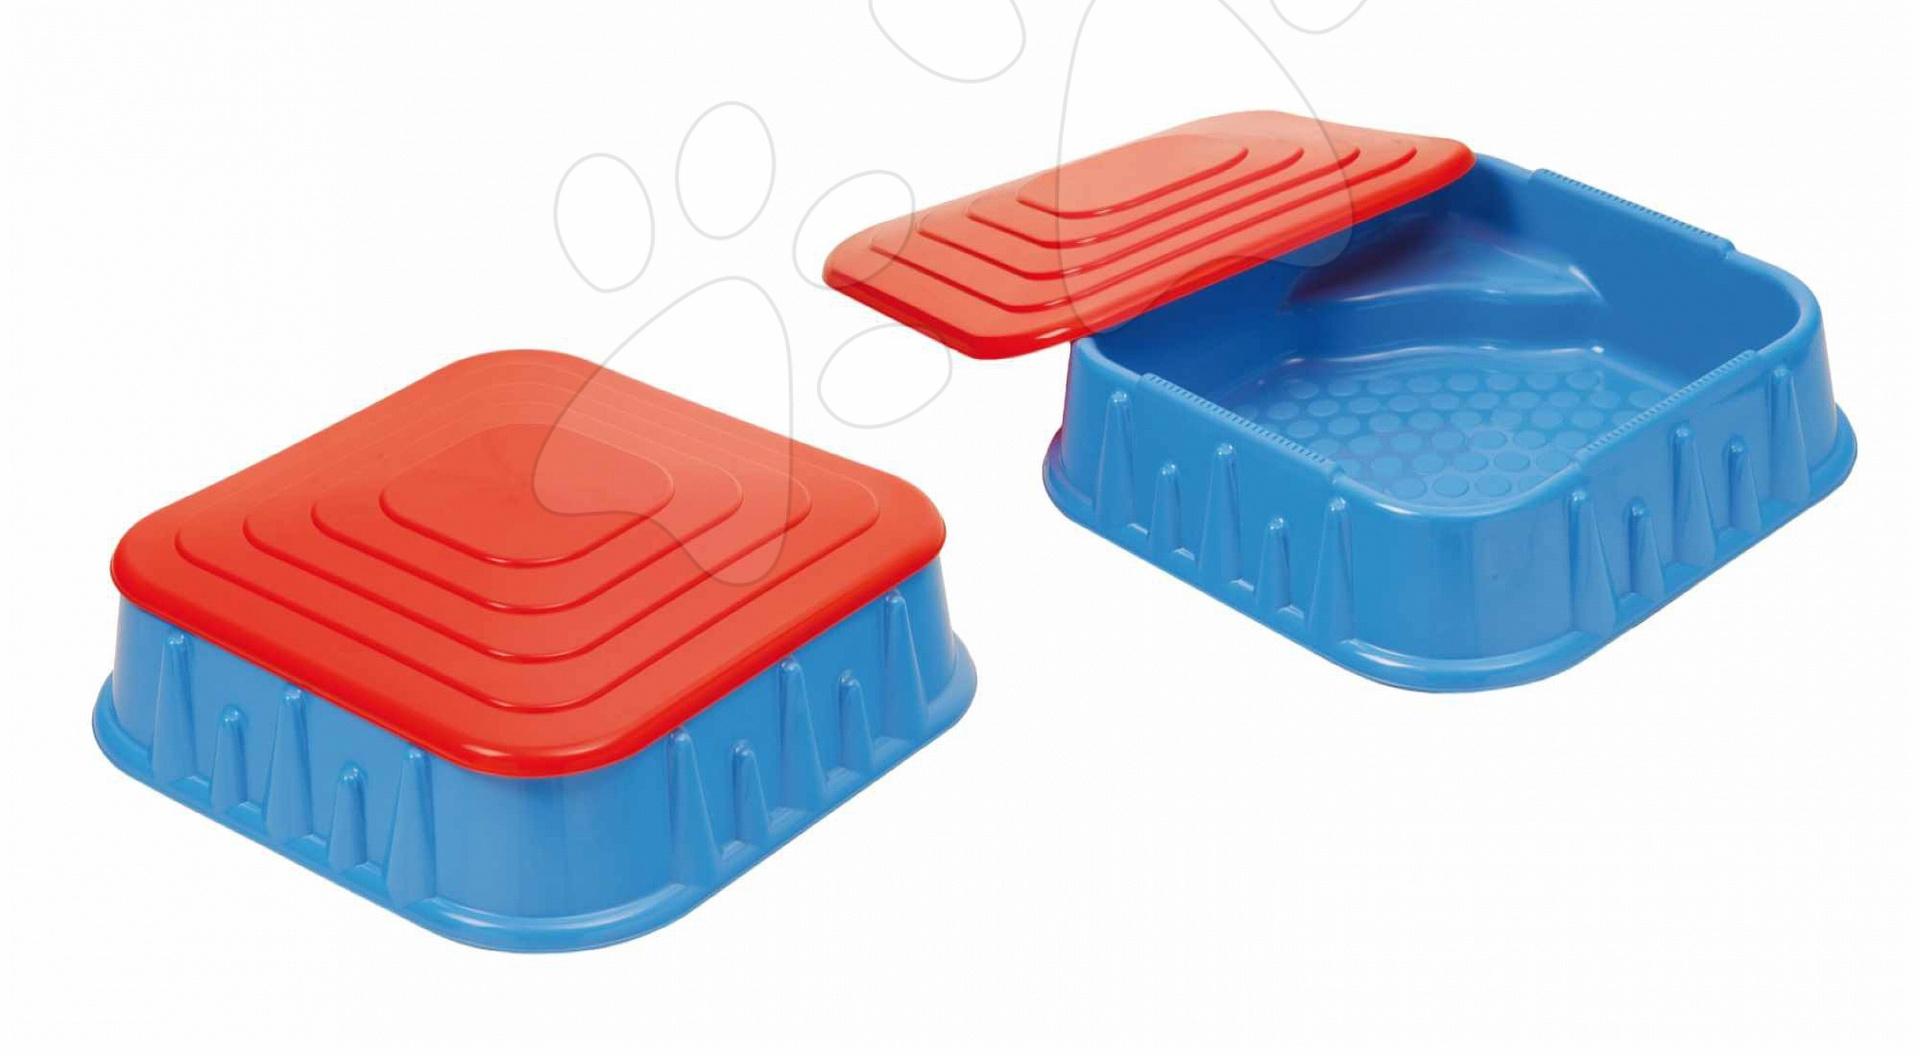 Peskovnik Starplast kvadraten s pokrovom prostornina 60 litrov modro-rdeč od 24 mes